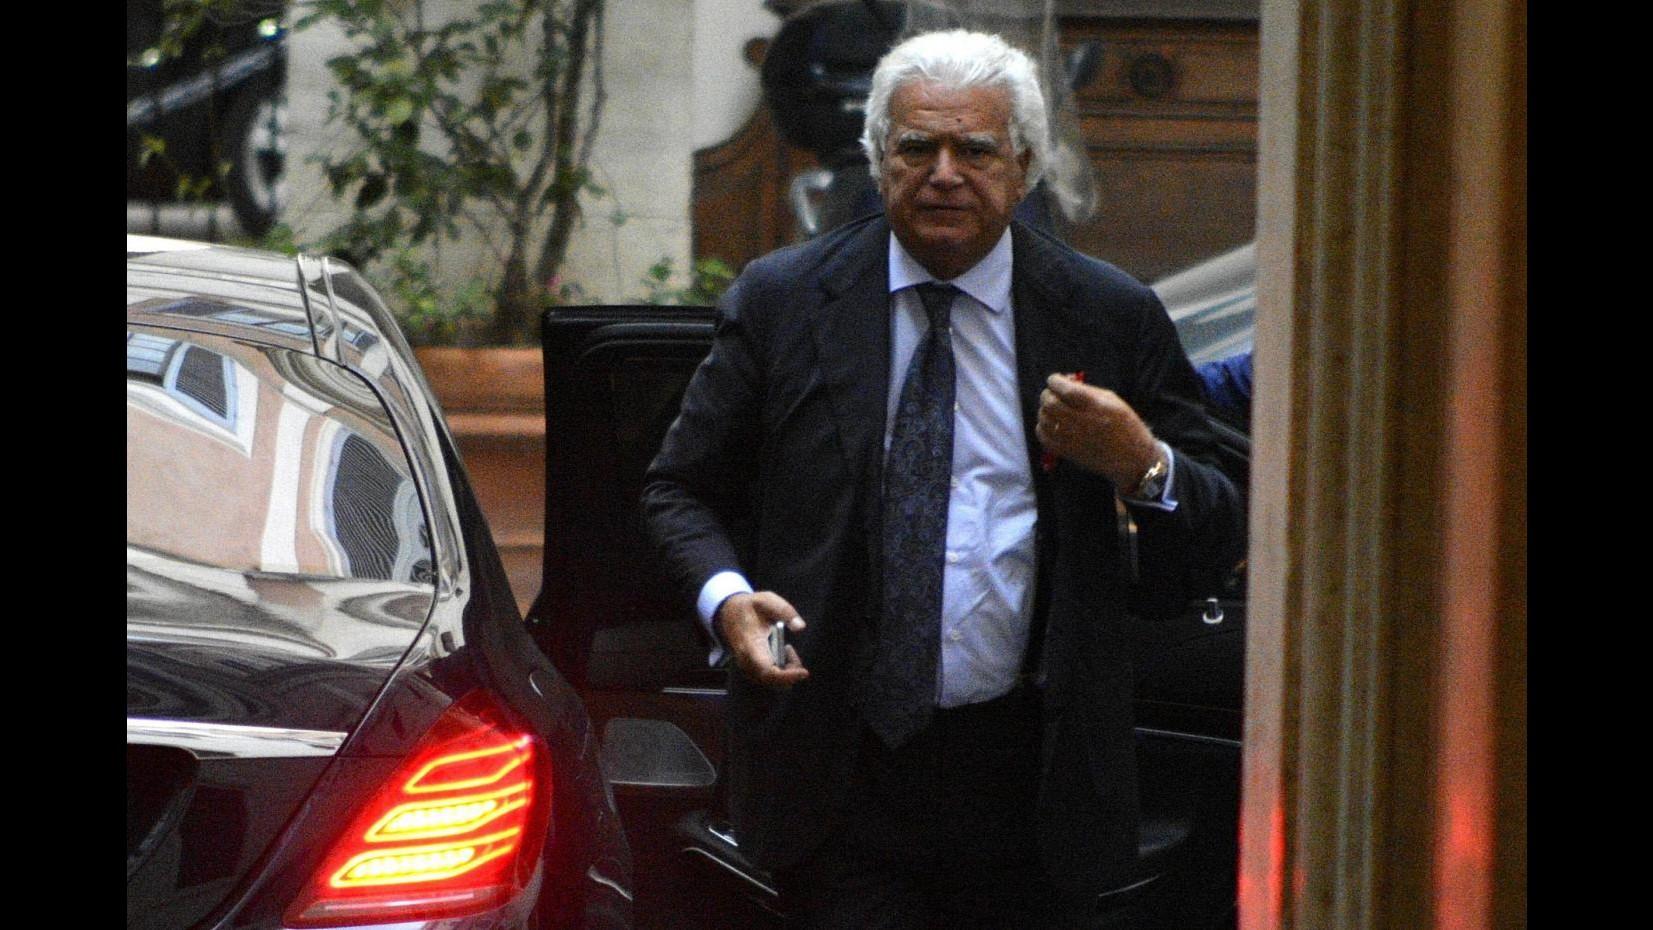 FI, Verdini a Berlusconi: Lascio partito, presto nuovo gruppo